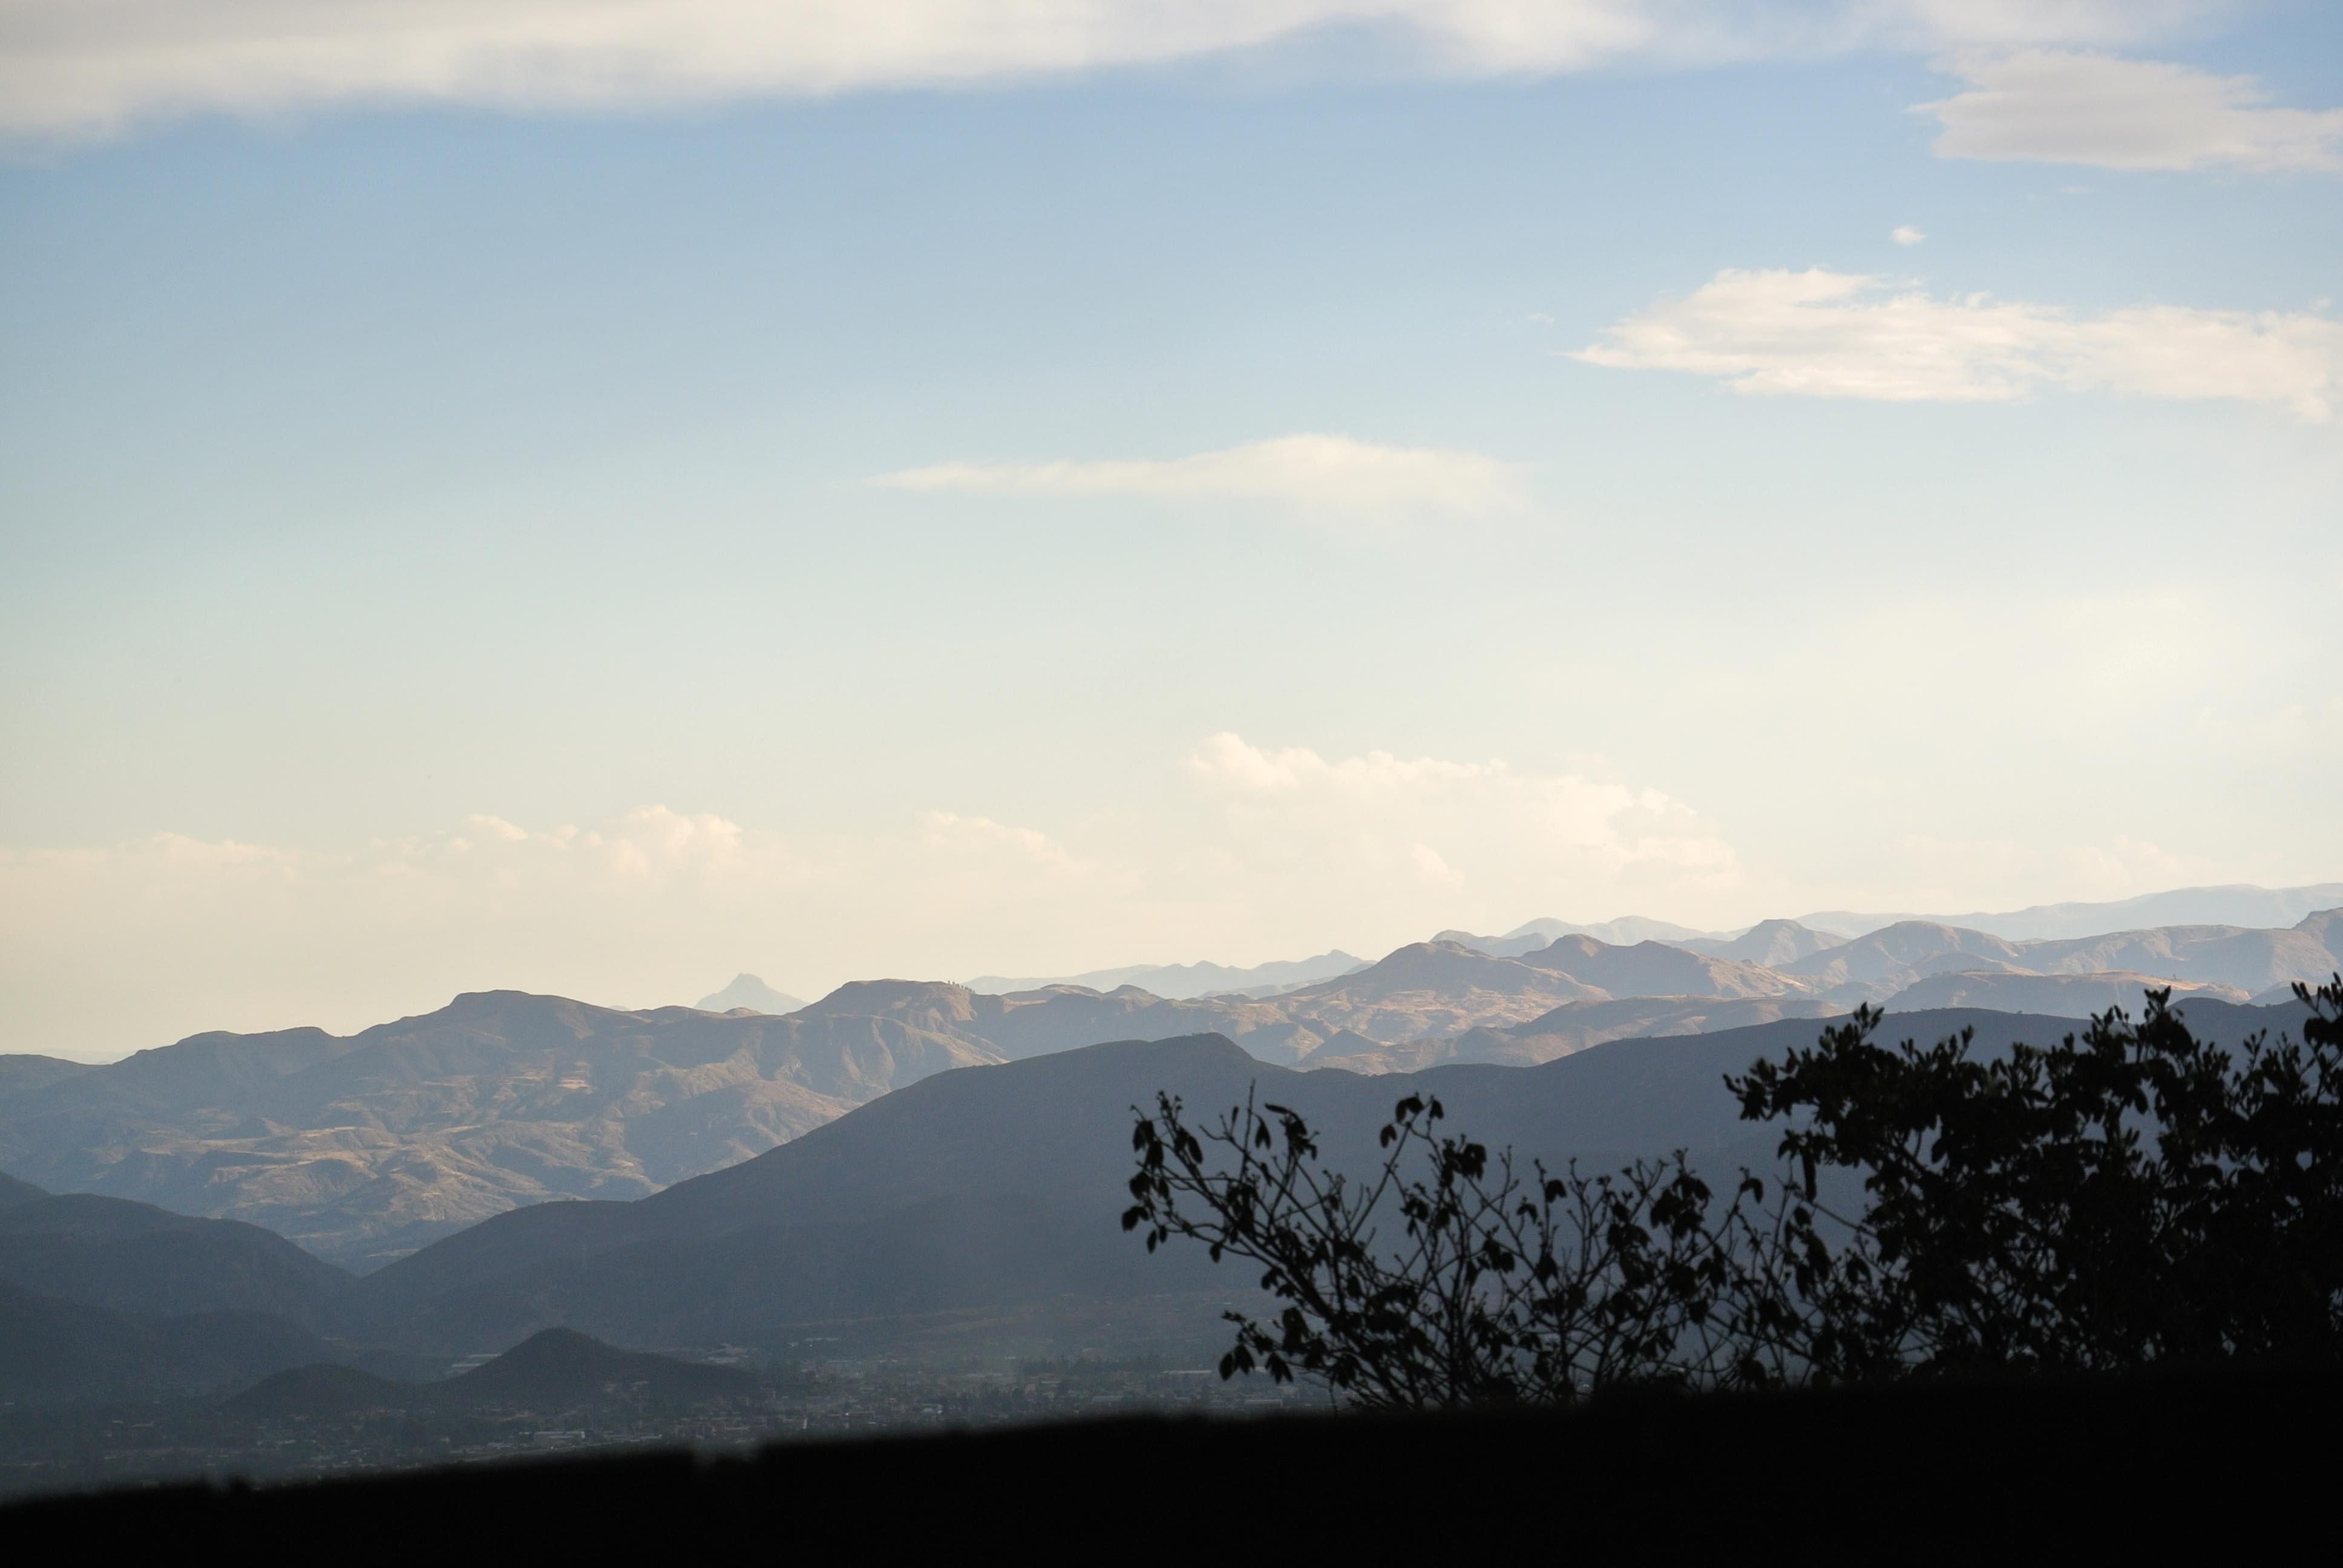 016 0710 Parque Ecoturistico Pairumani 23jpeg